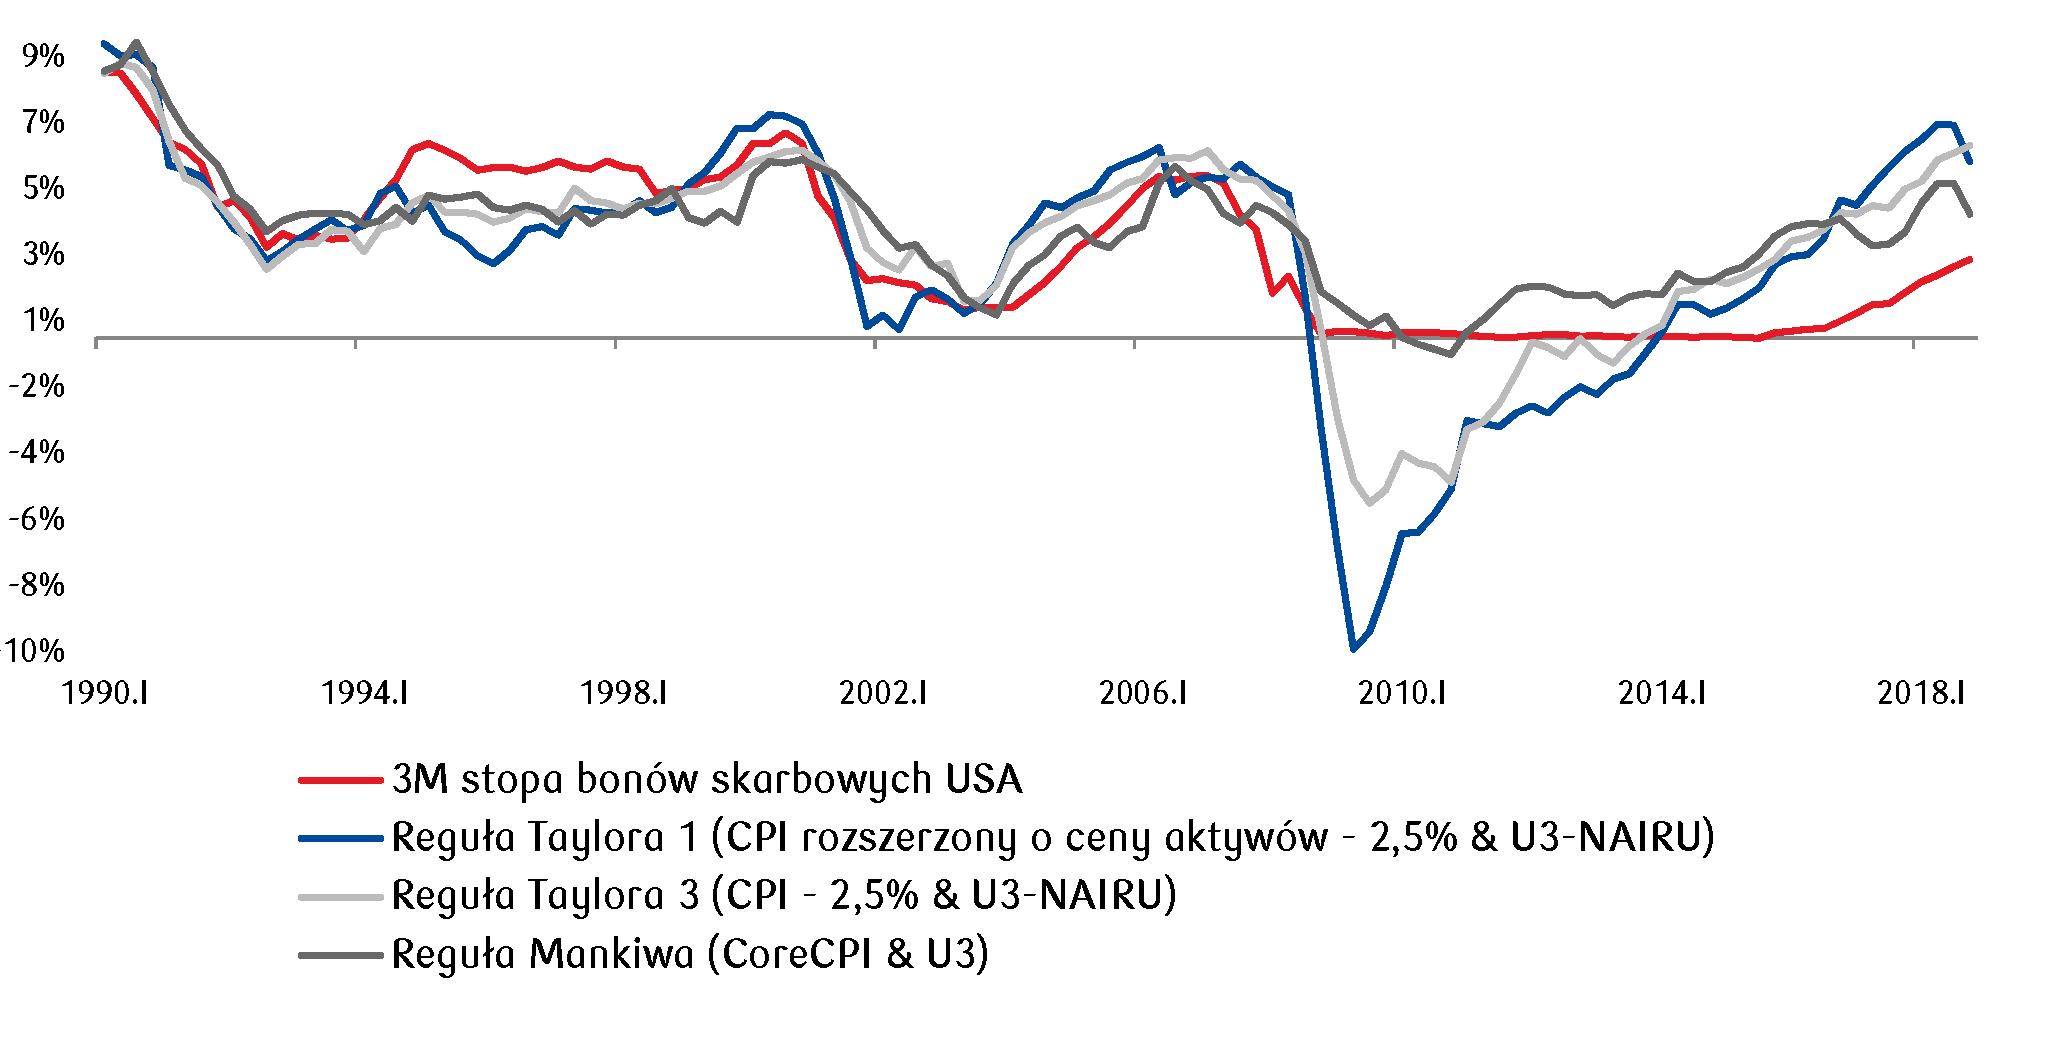 Reguły polityki monetarnej dla polityki Fed-u wskazują na konieczność dalszego podnoszenia stóp procentowych w USA